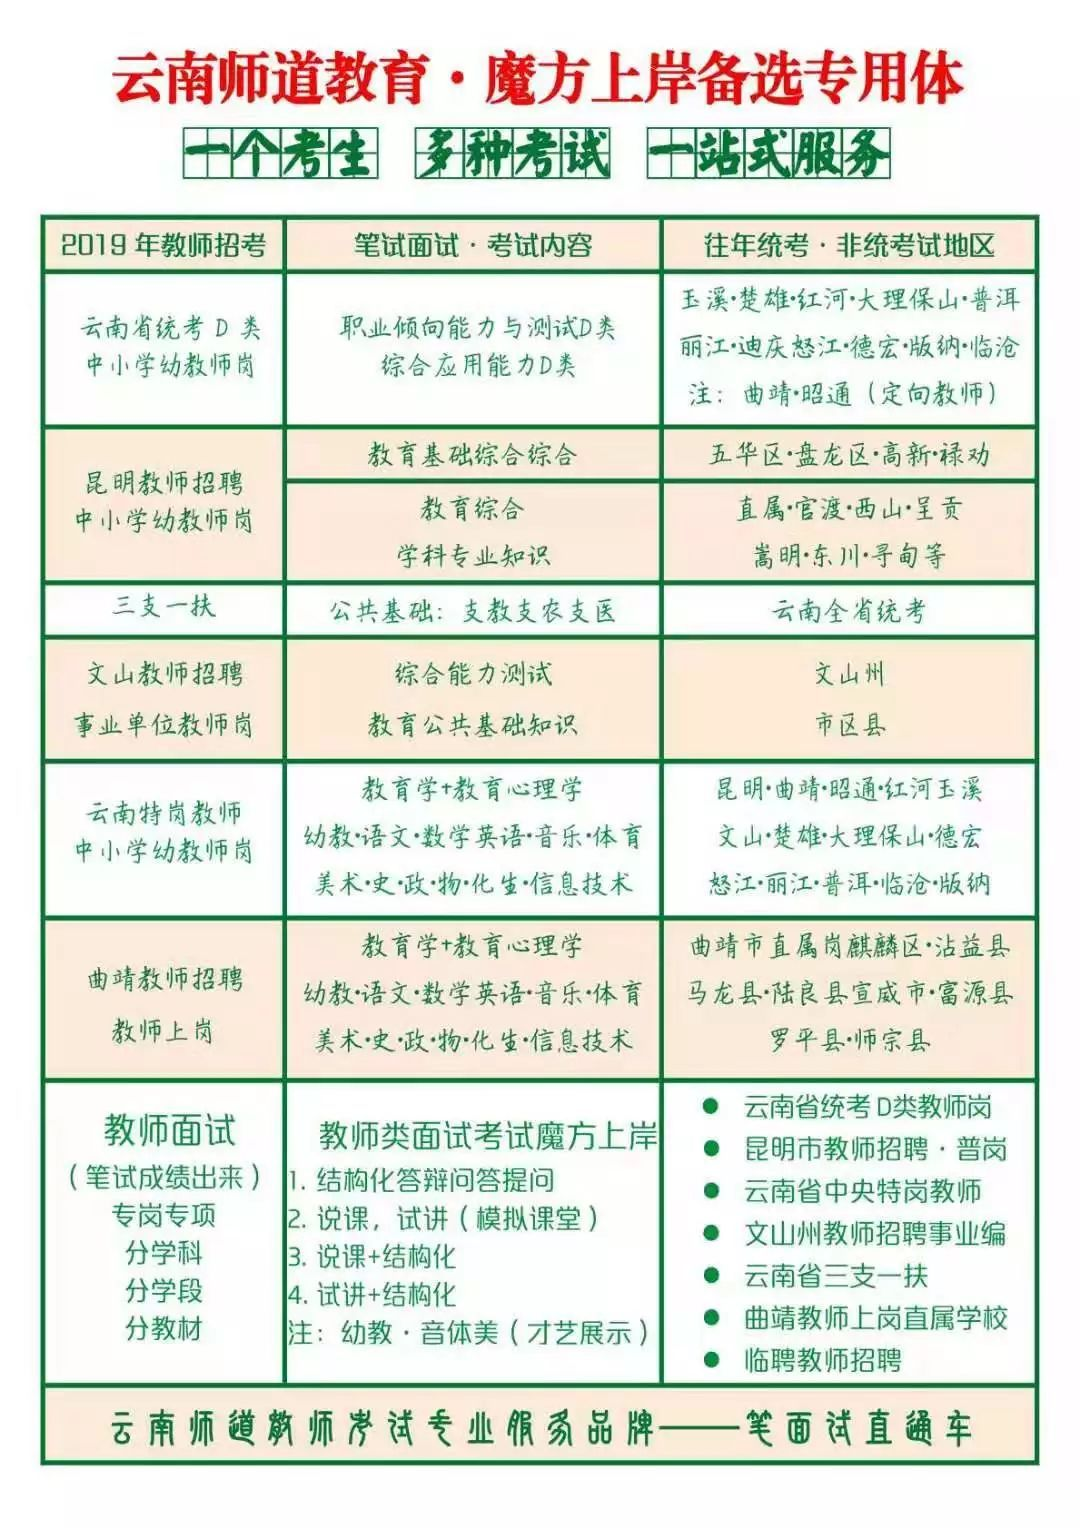 【特岗教师招360人】2019年文山州4县(市)第